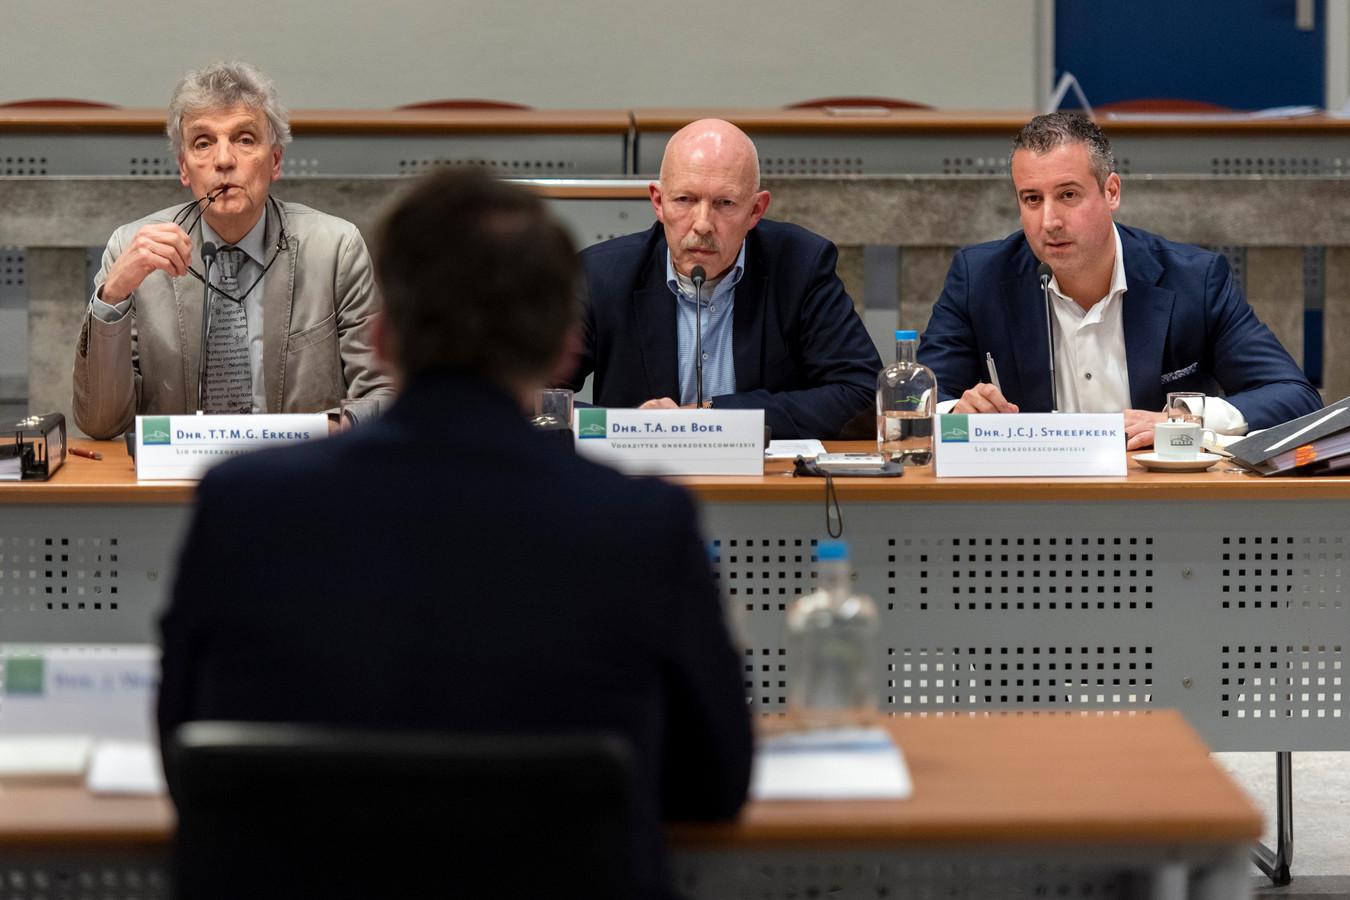 De onderzoekscommissie 'Horsa' verhoort wethouder Marinka Mulder, wethouder Jasper Verstand en burgemeester Agnes Schaap over wat er mis ging bij het binnenhalen van een zweefvliegtuig uit de Tweede Wereldoorlog.